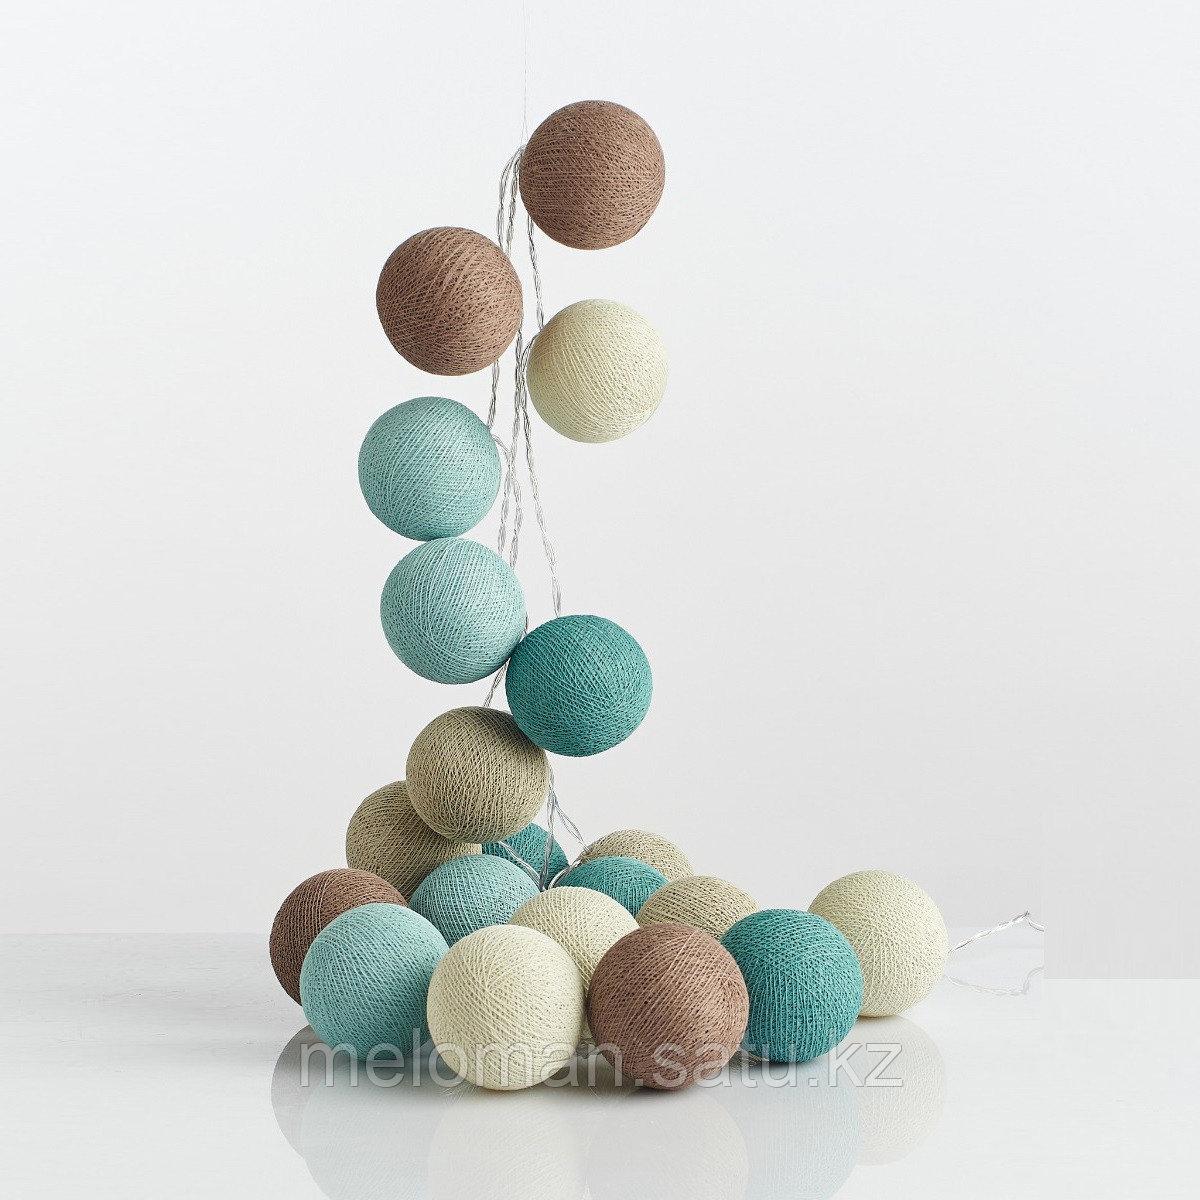 Гирлянда декаротивная Морская соль 20 шаров/сеть - фото 4